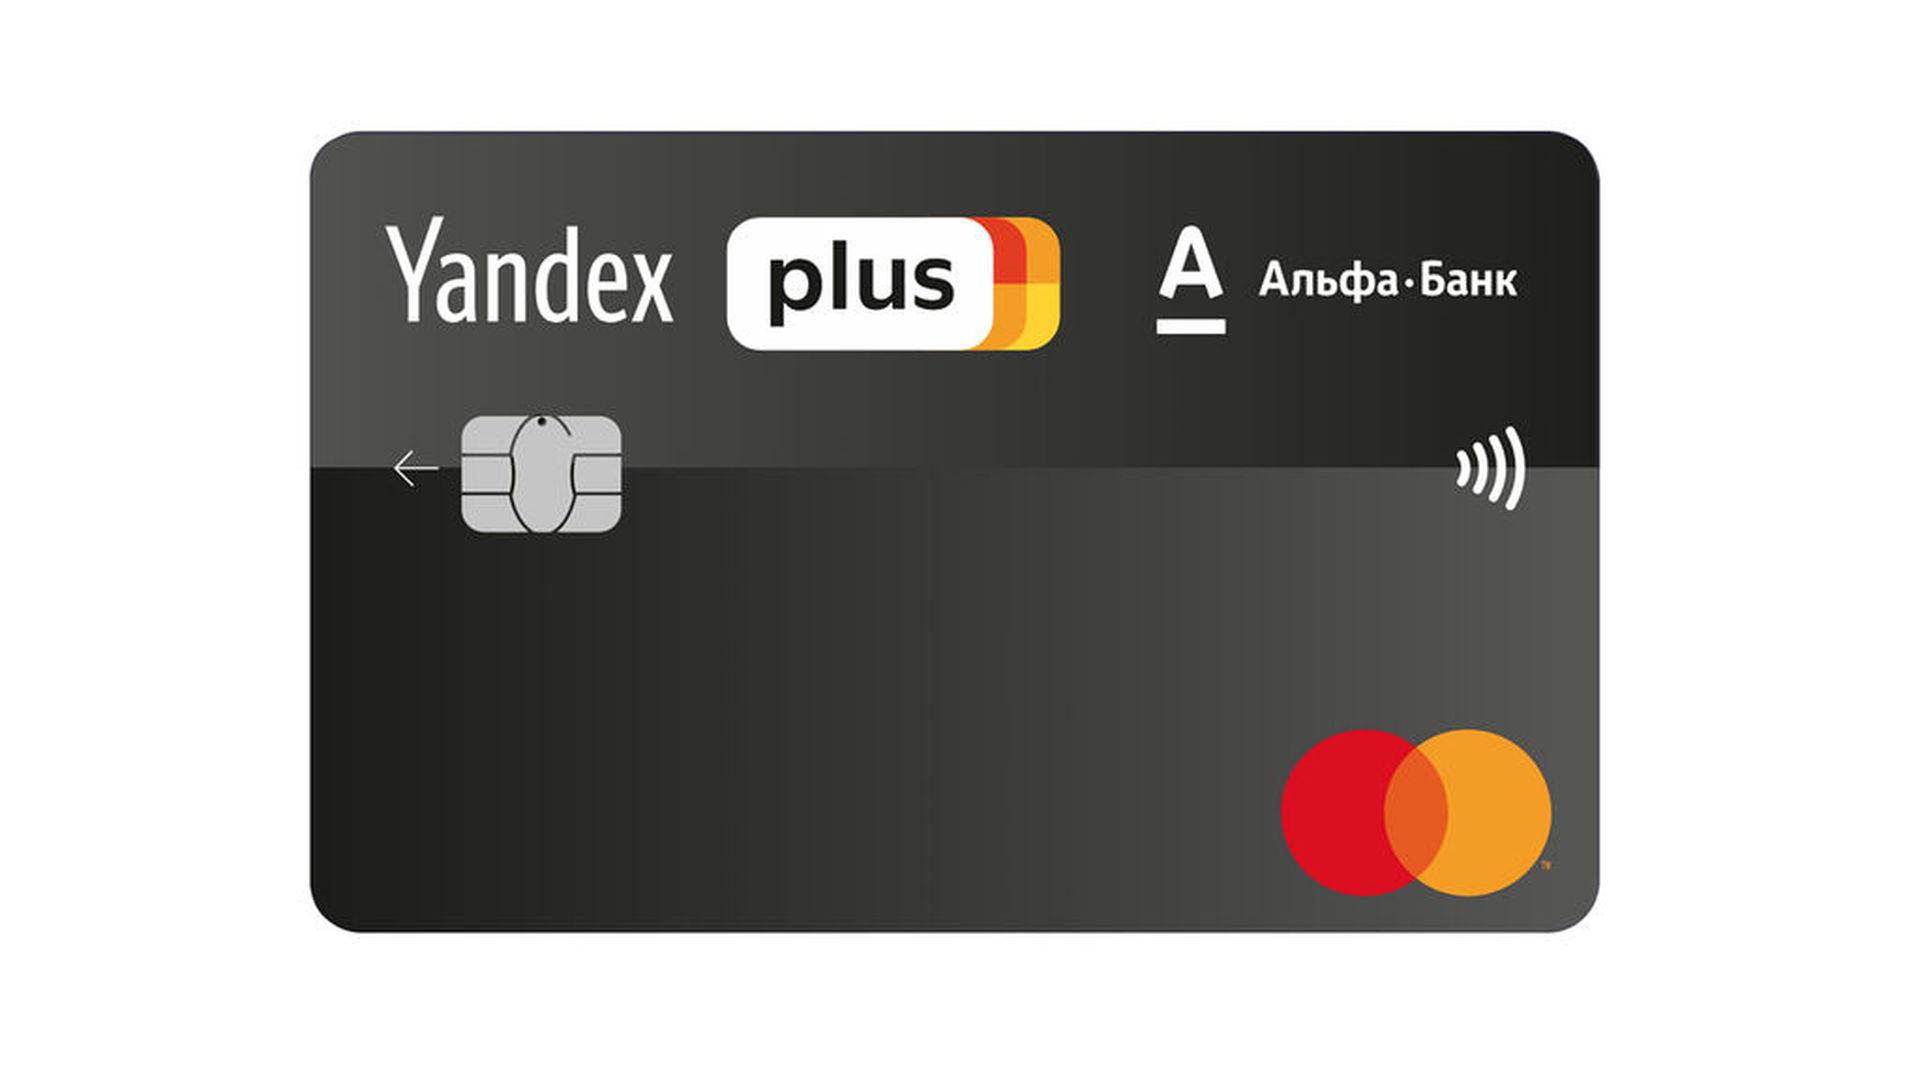 кредит 5 плюс отп банк калькулятор потребительского кредита посчитать